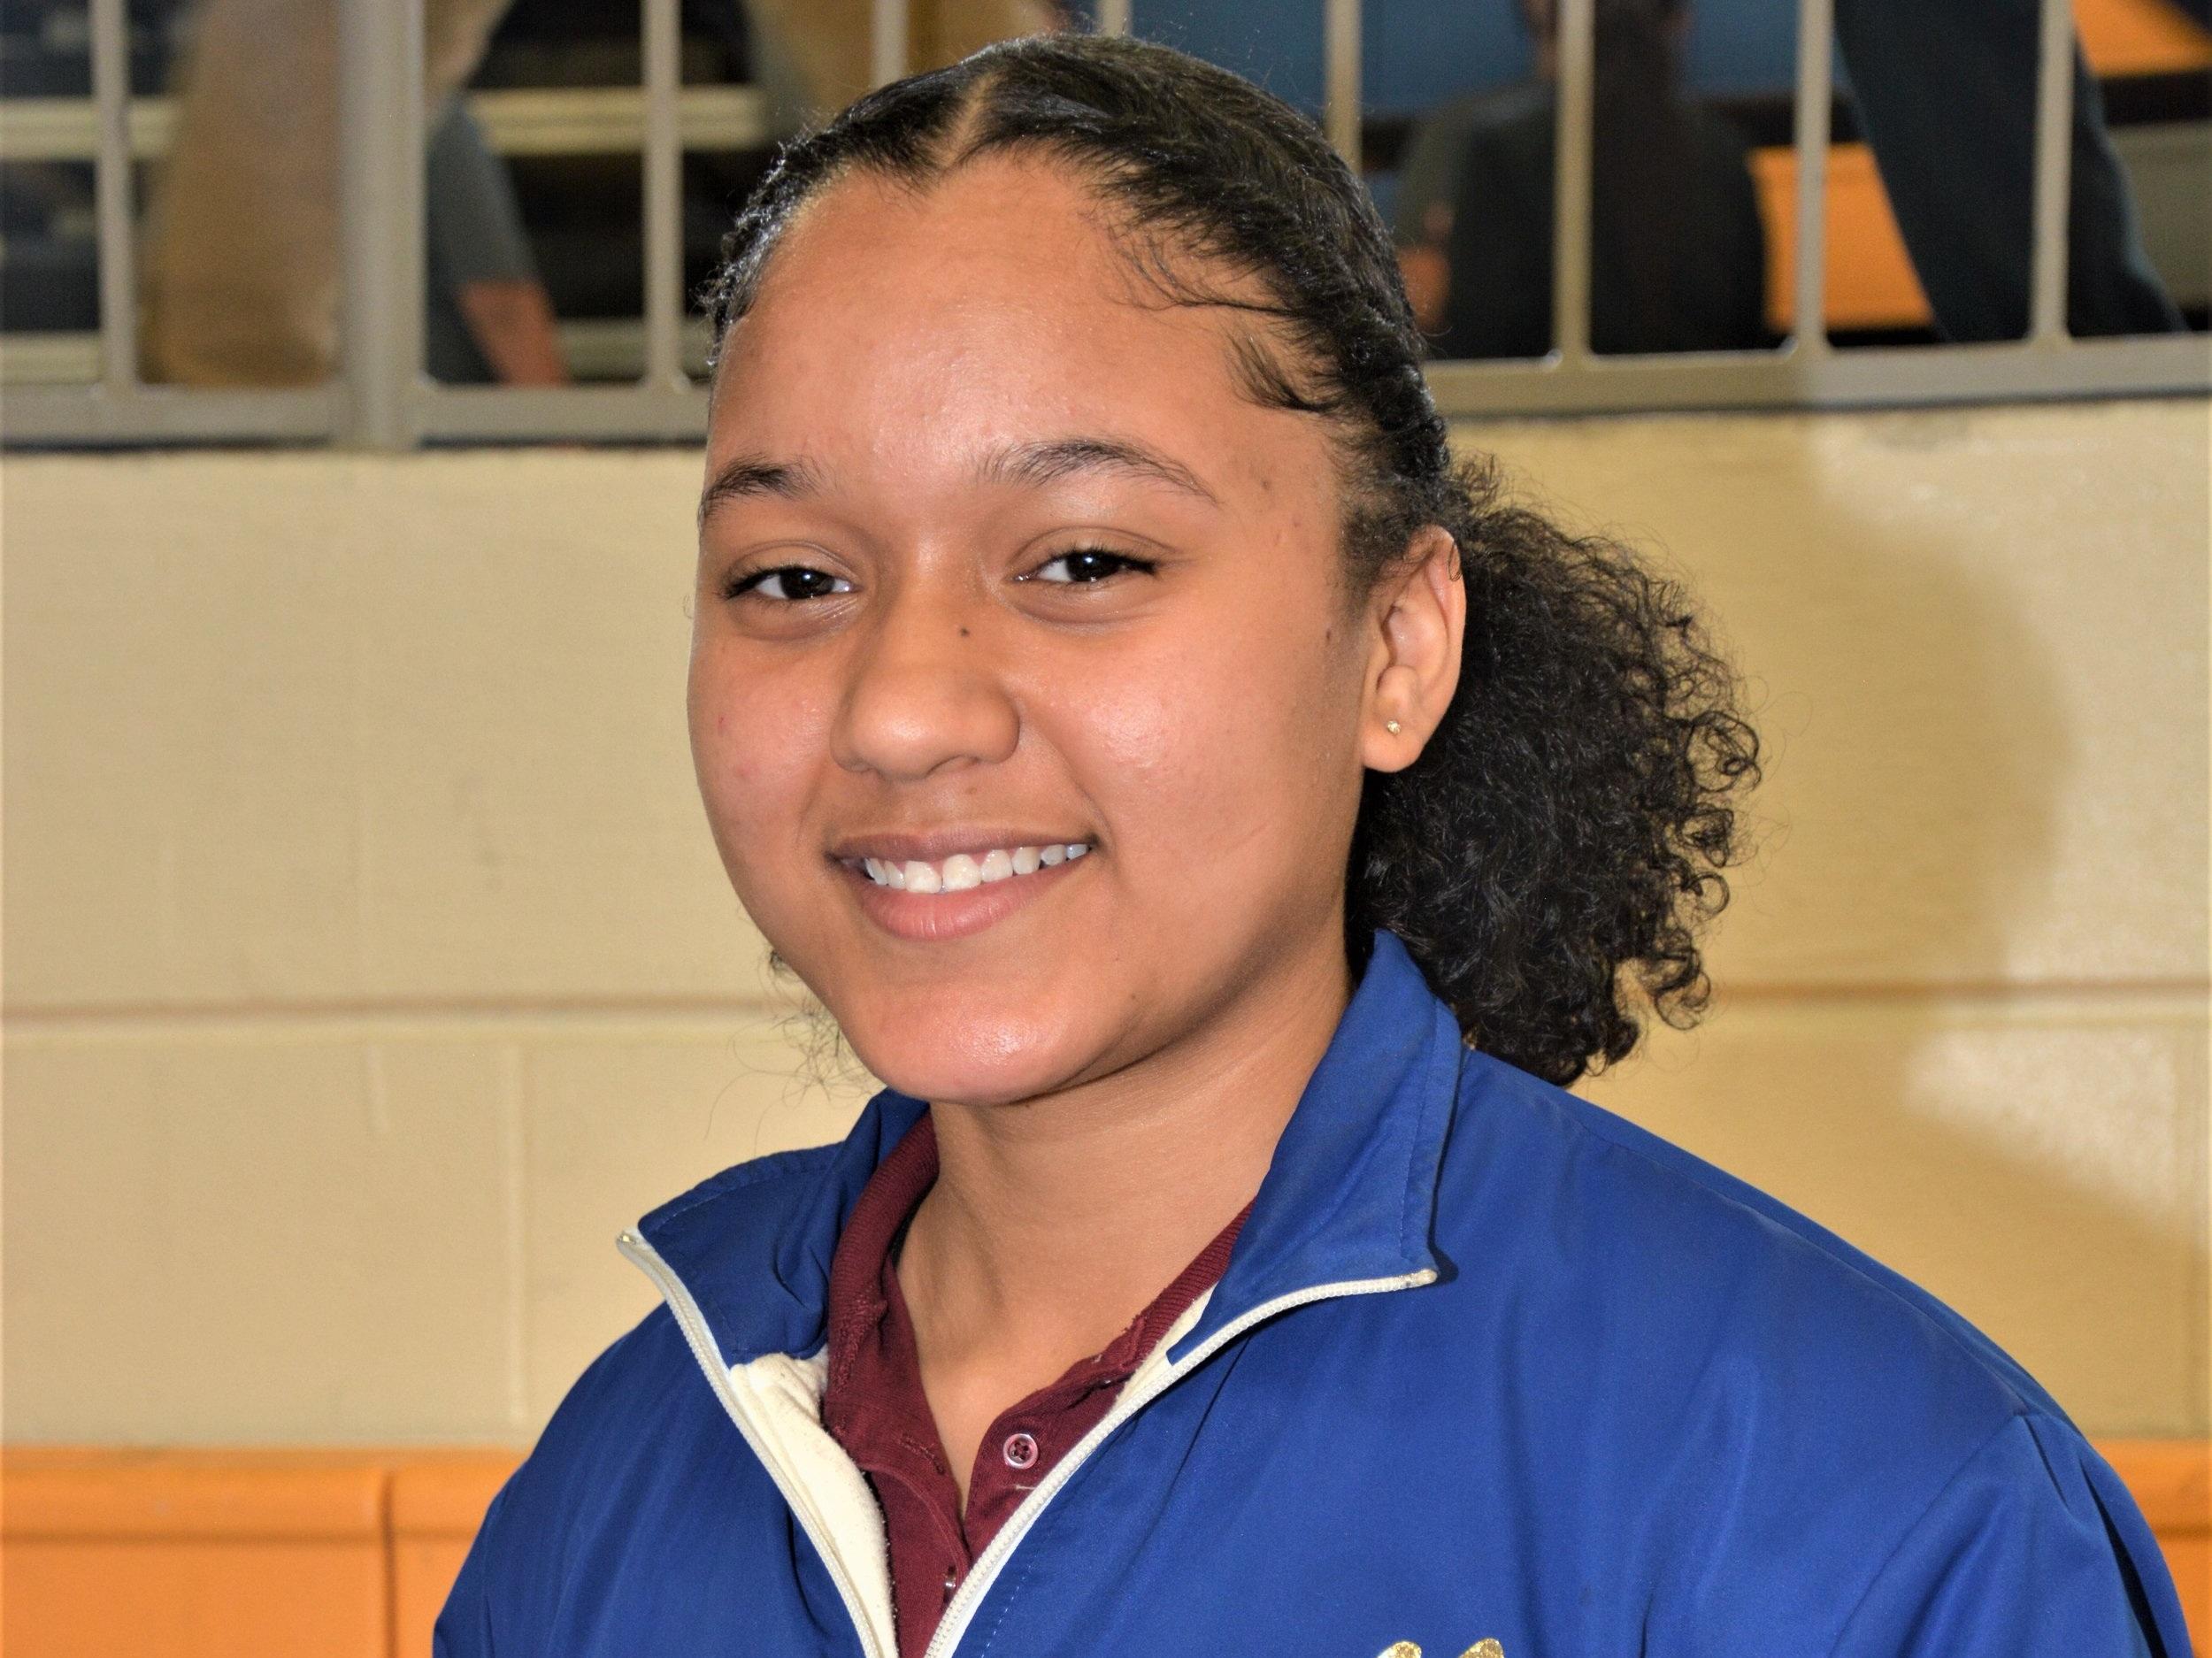 This week's #MNPSMVP is Cortlyn Garner – Antioch Middle School